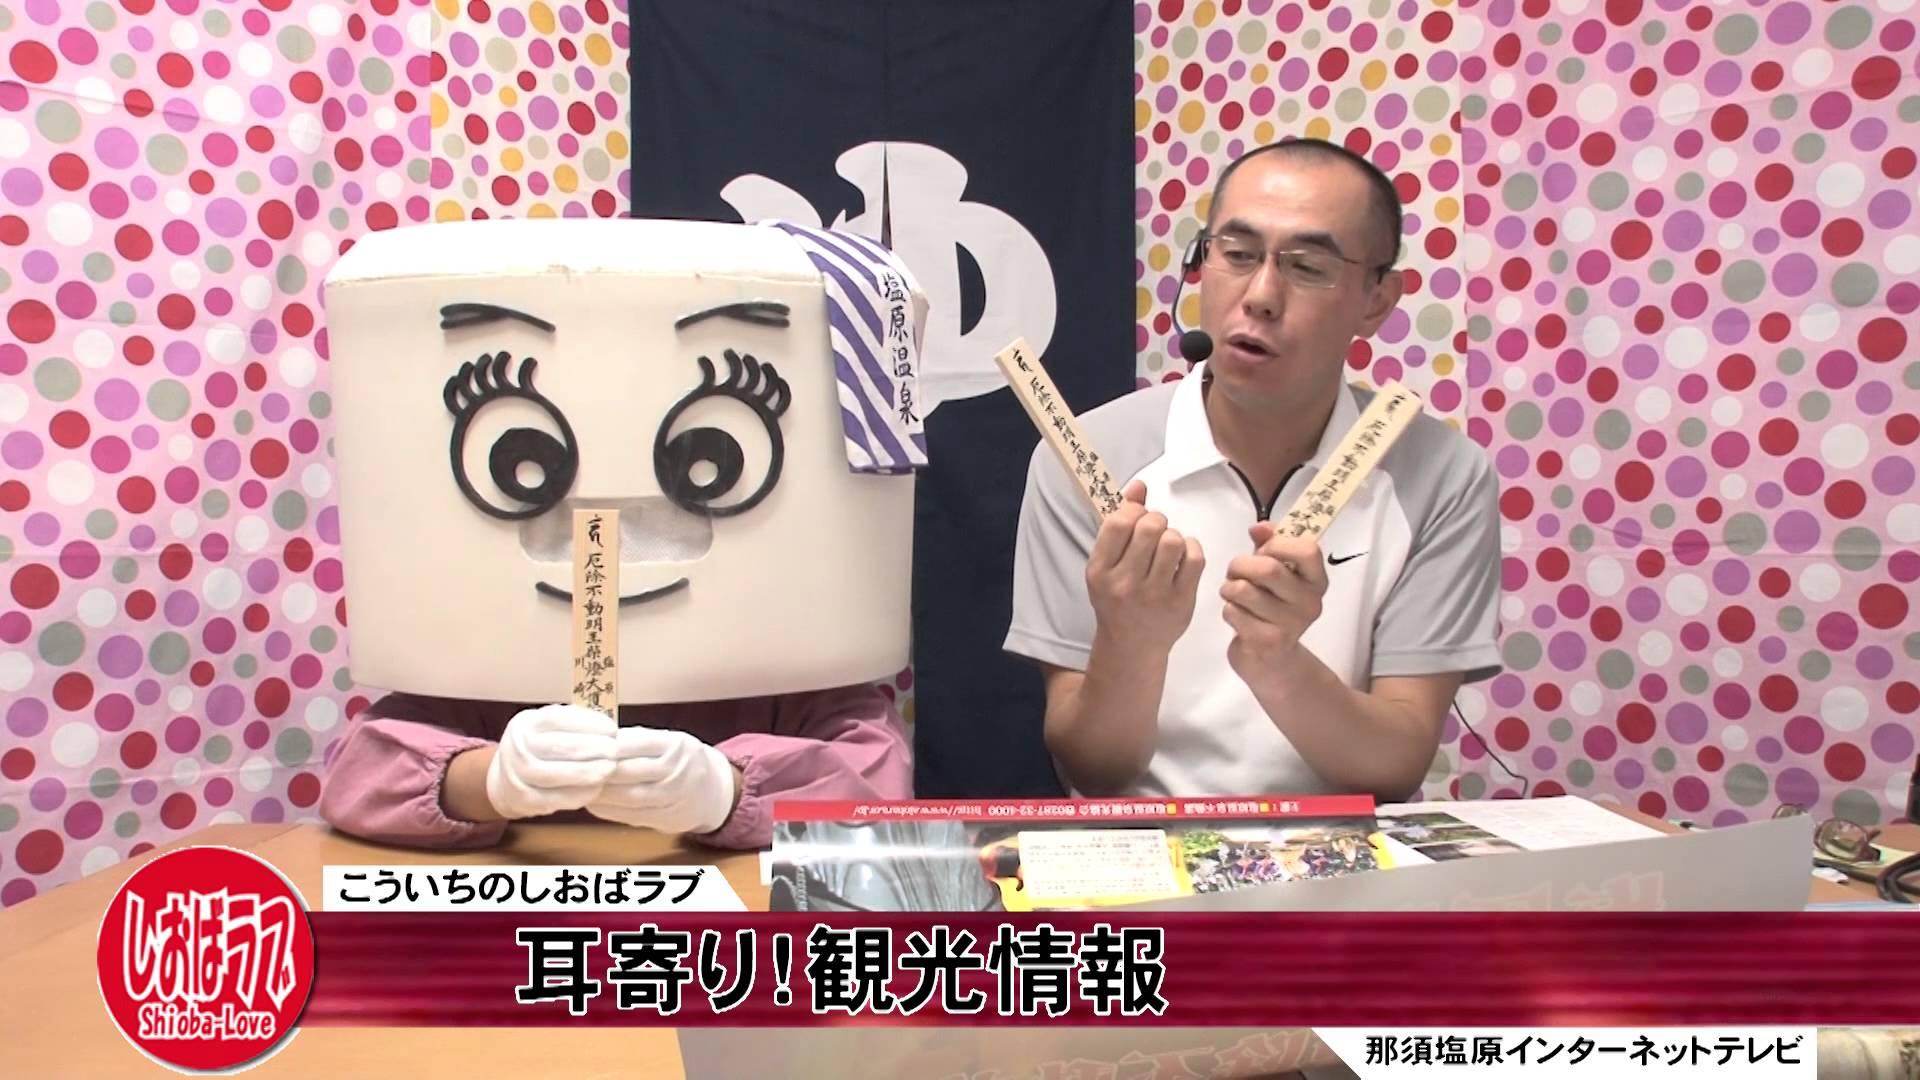 こういちのしおばラブ(塩原+LOVE)第146回